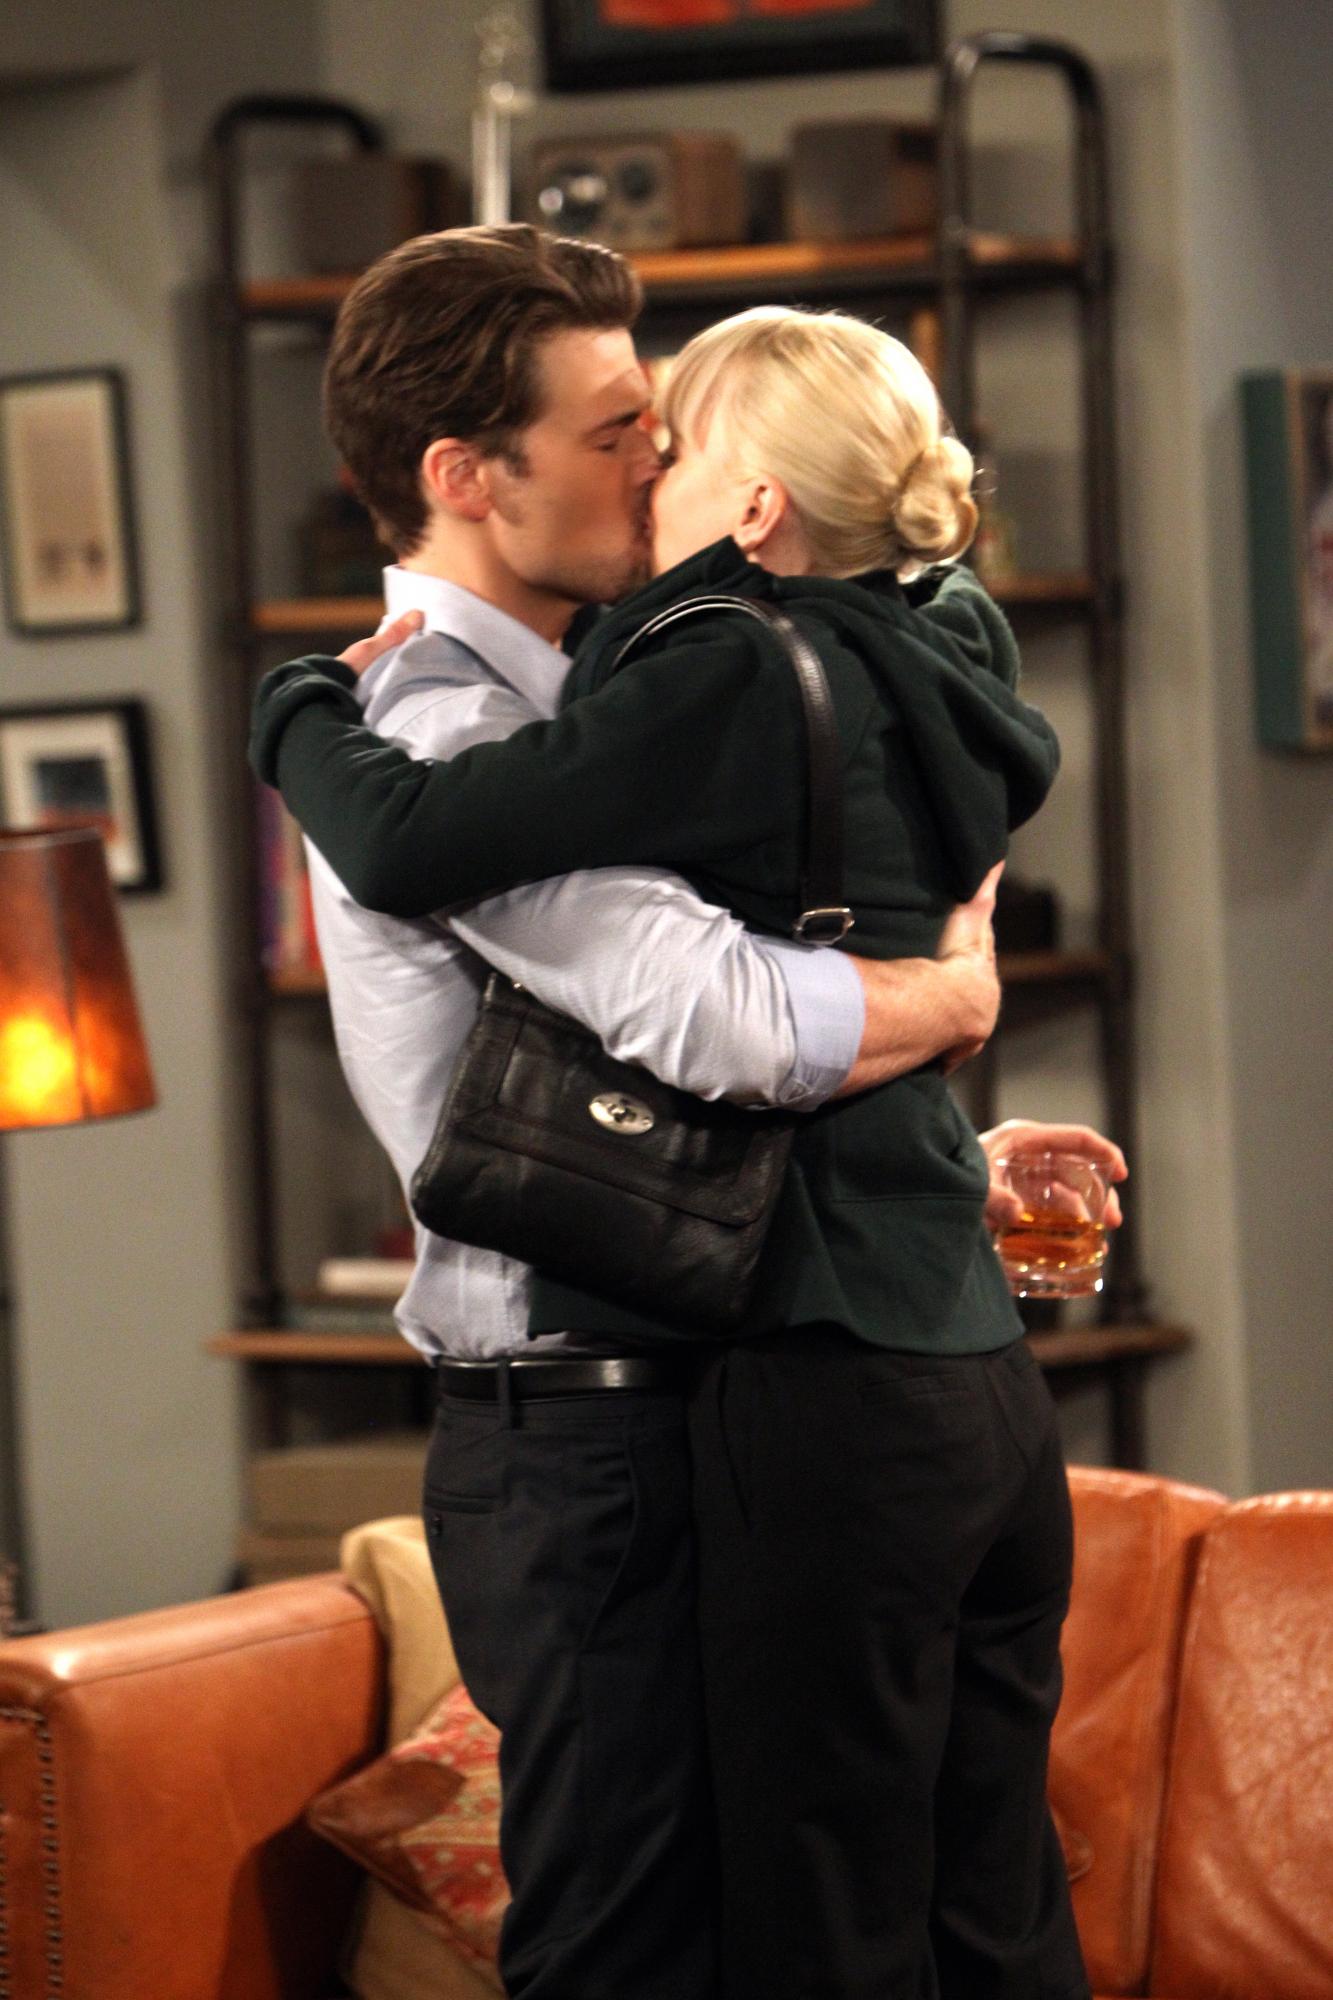 Christy kisses David in